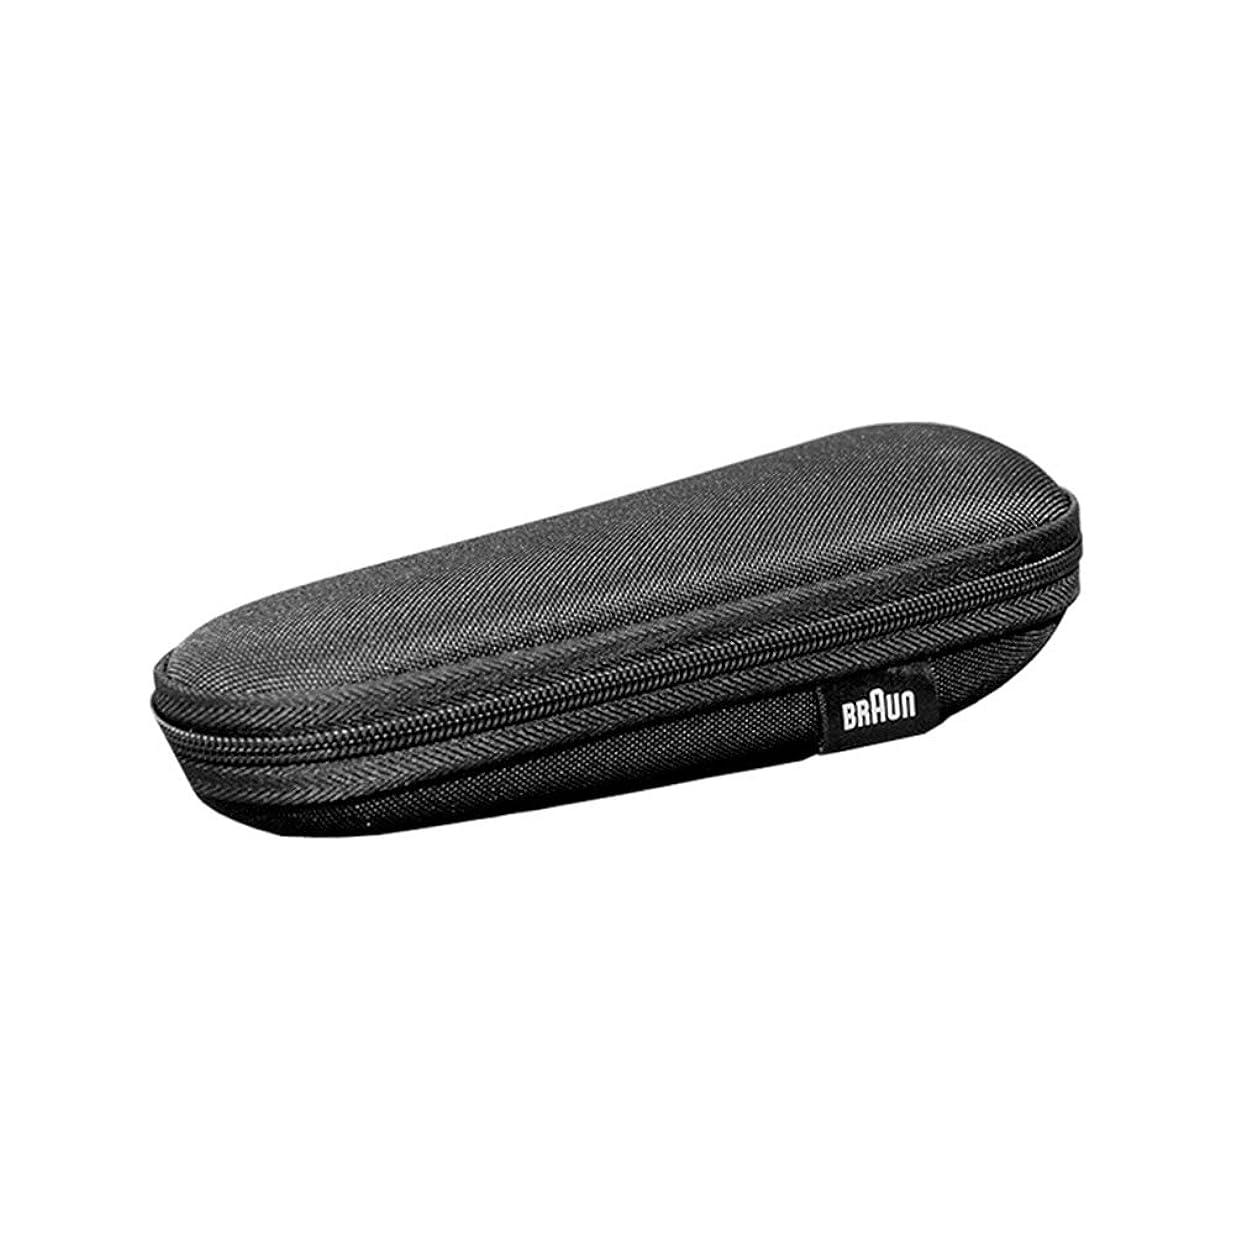 警告する小人横向きHZjundasi Travel Hard ケース Protective バッグ ポーチ For Braun Shaver 3020S 3030S 3040S 3050CC